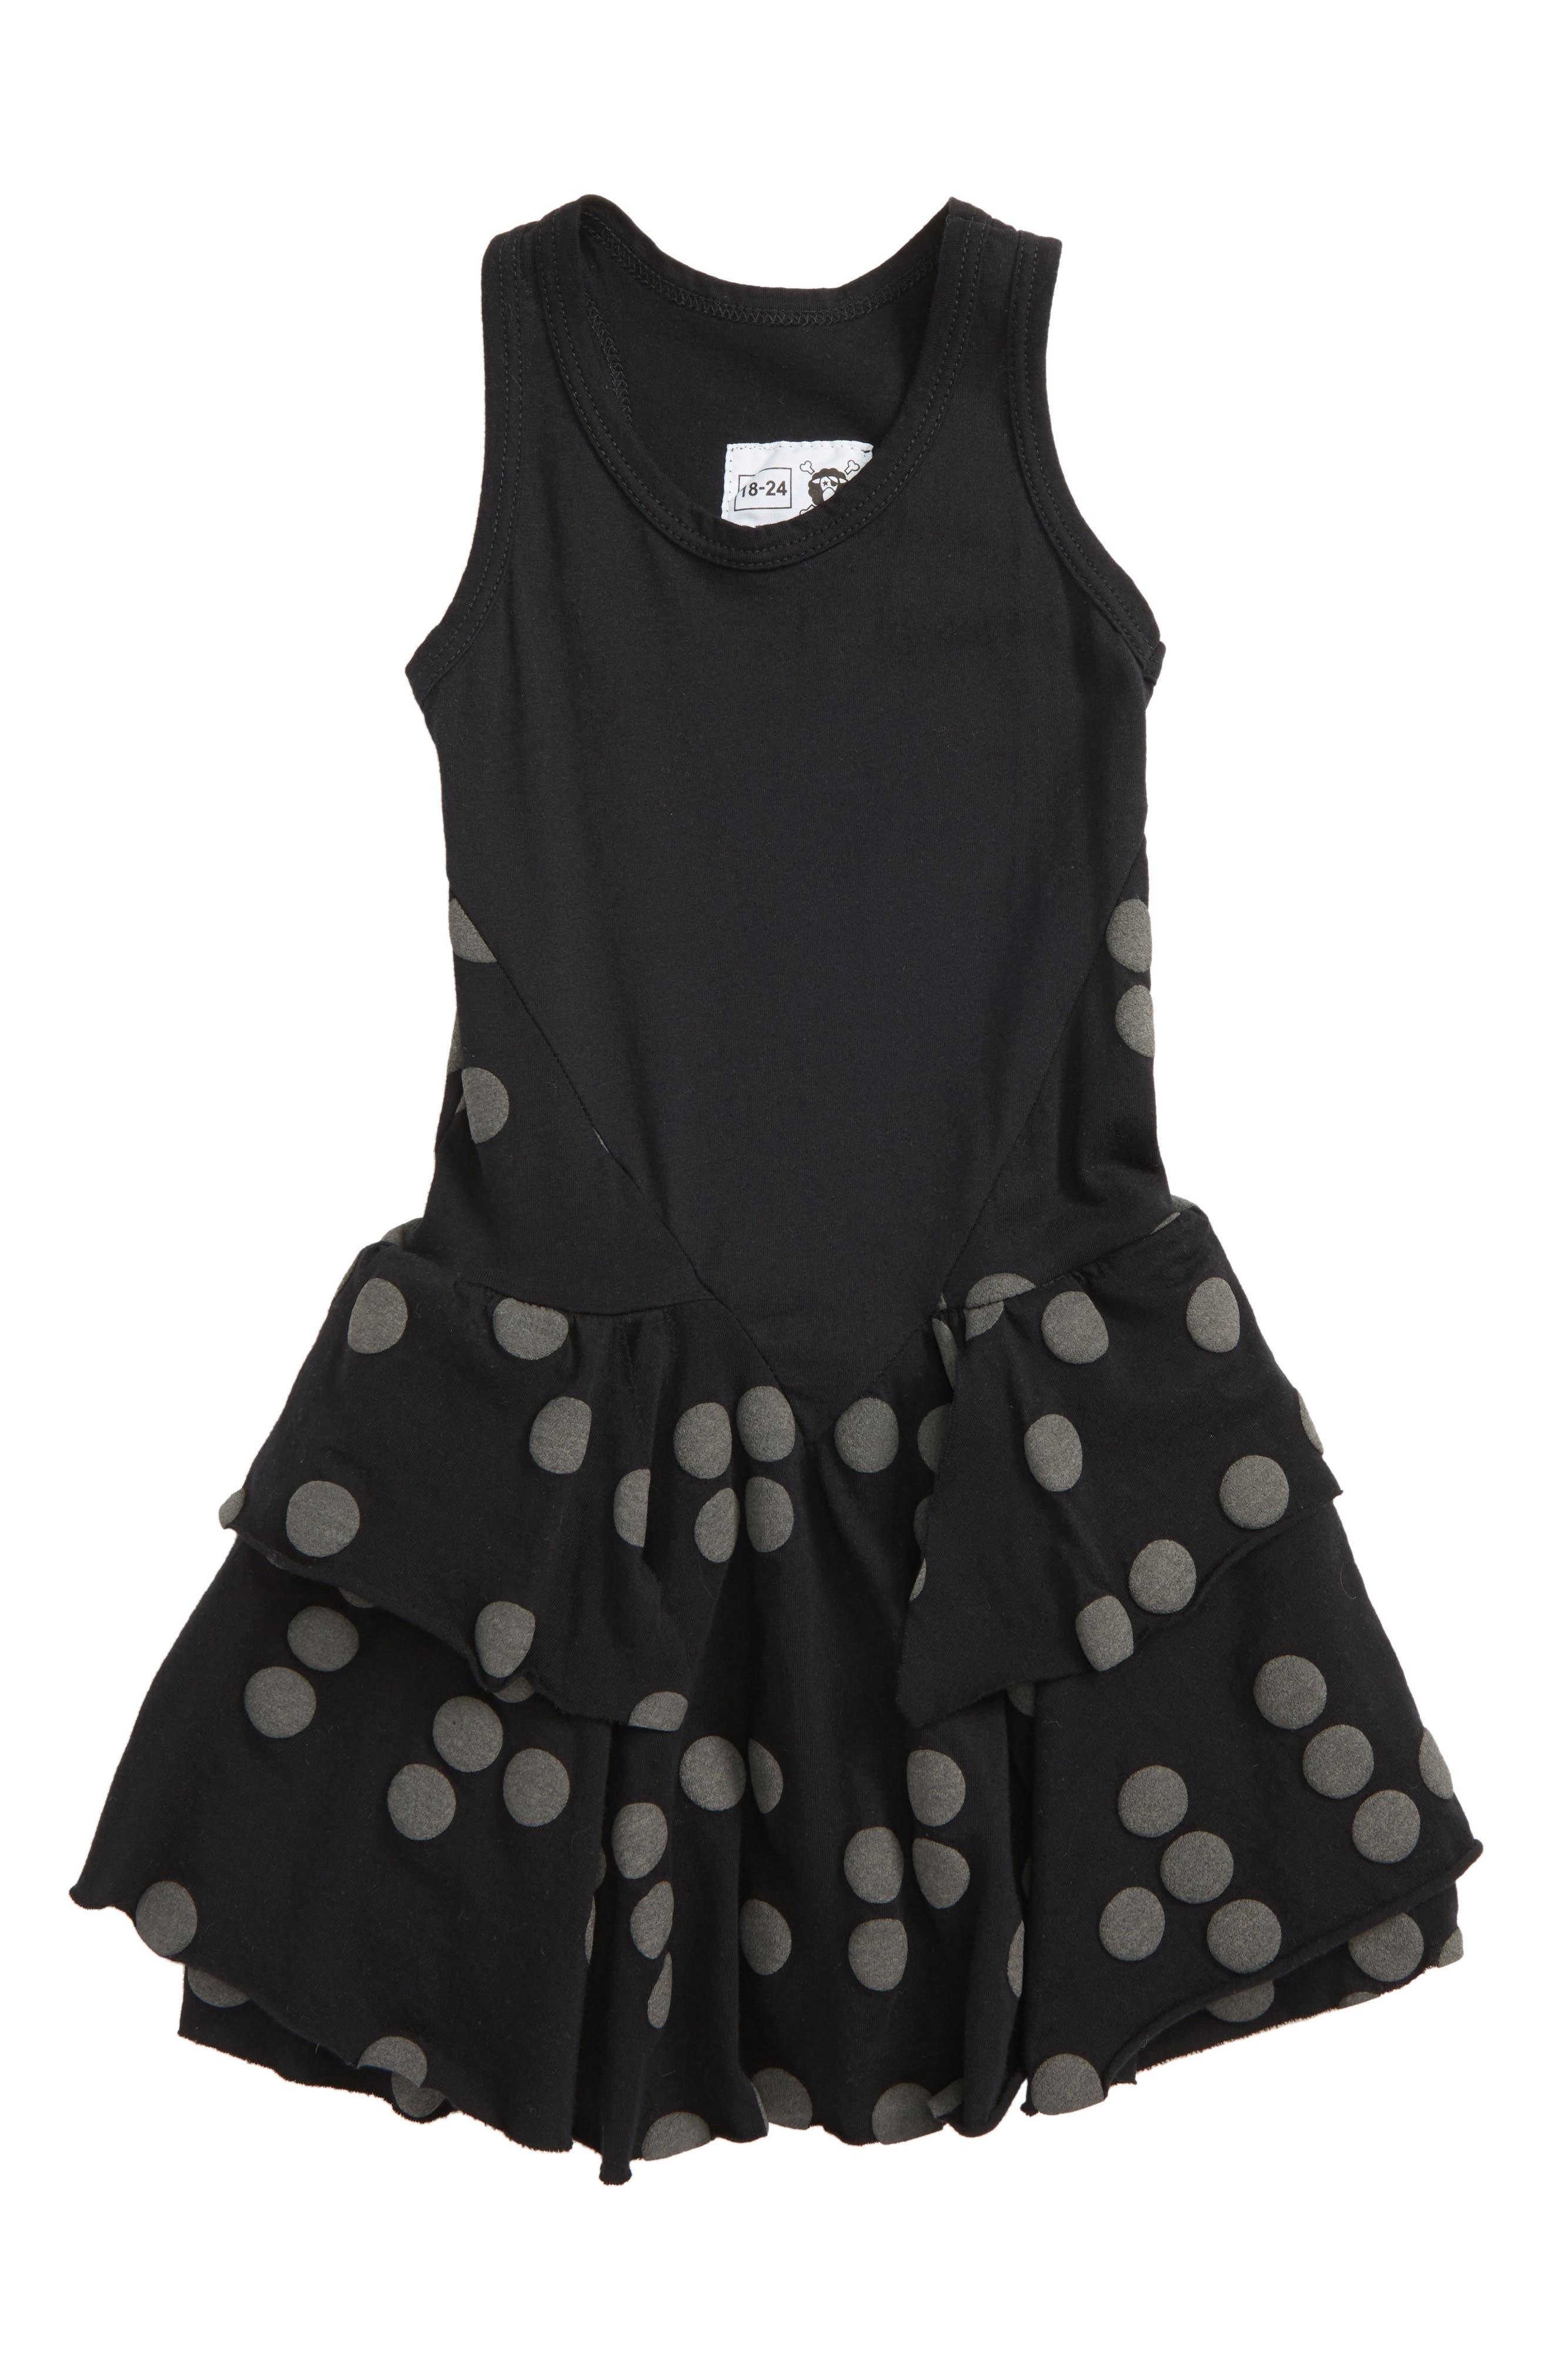 Nununu Braille Dot Layered Tank Dress (Baby Girls)